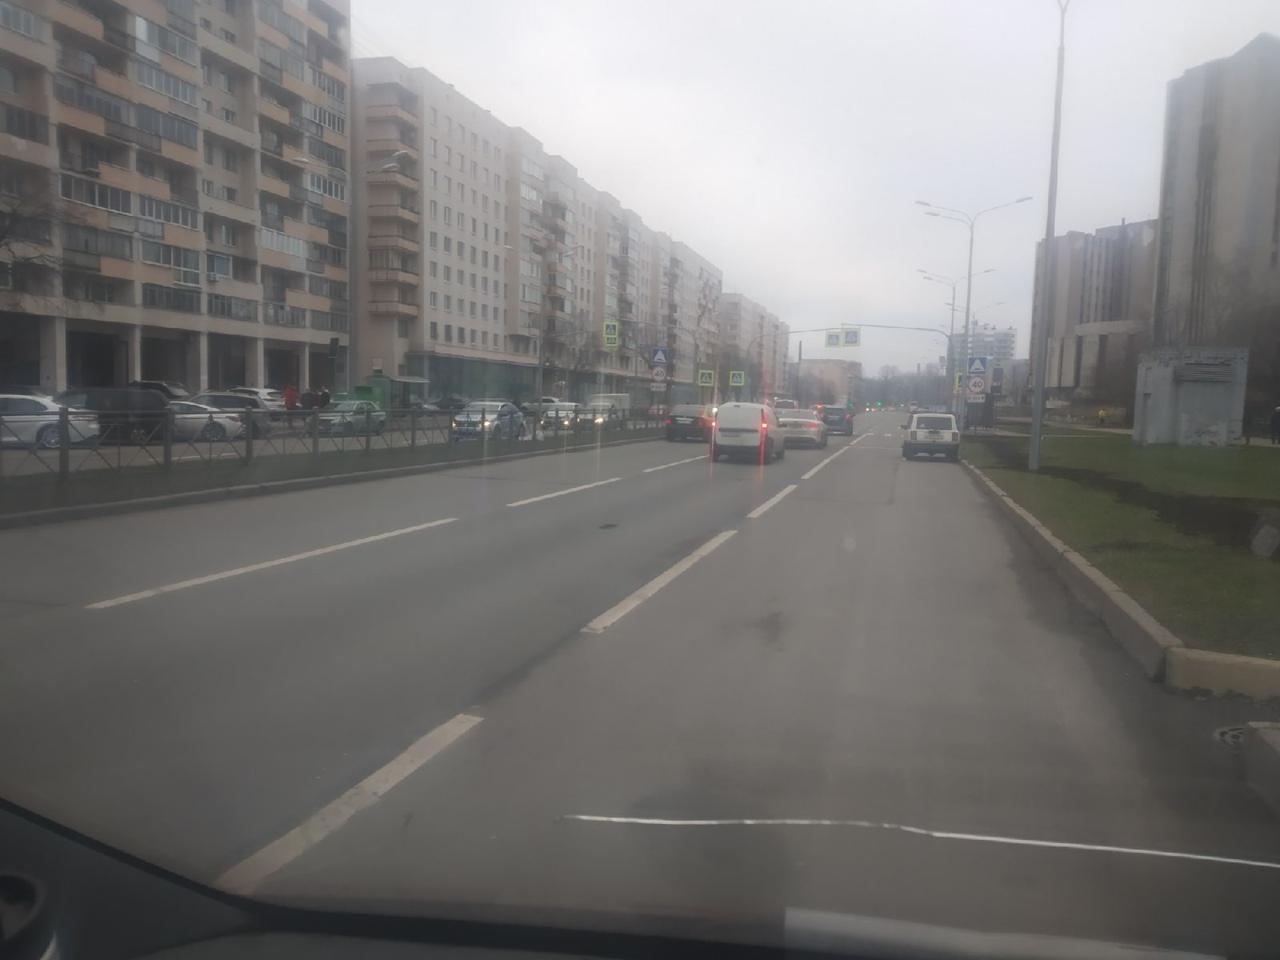 Сбили человека на нерегулируемом пешеходном переходе на Одоевского 4